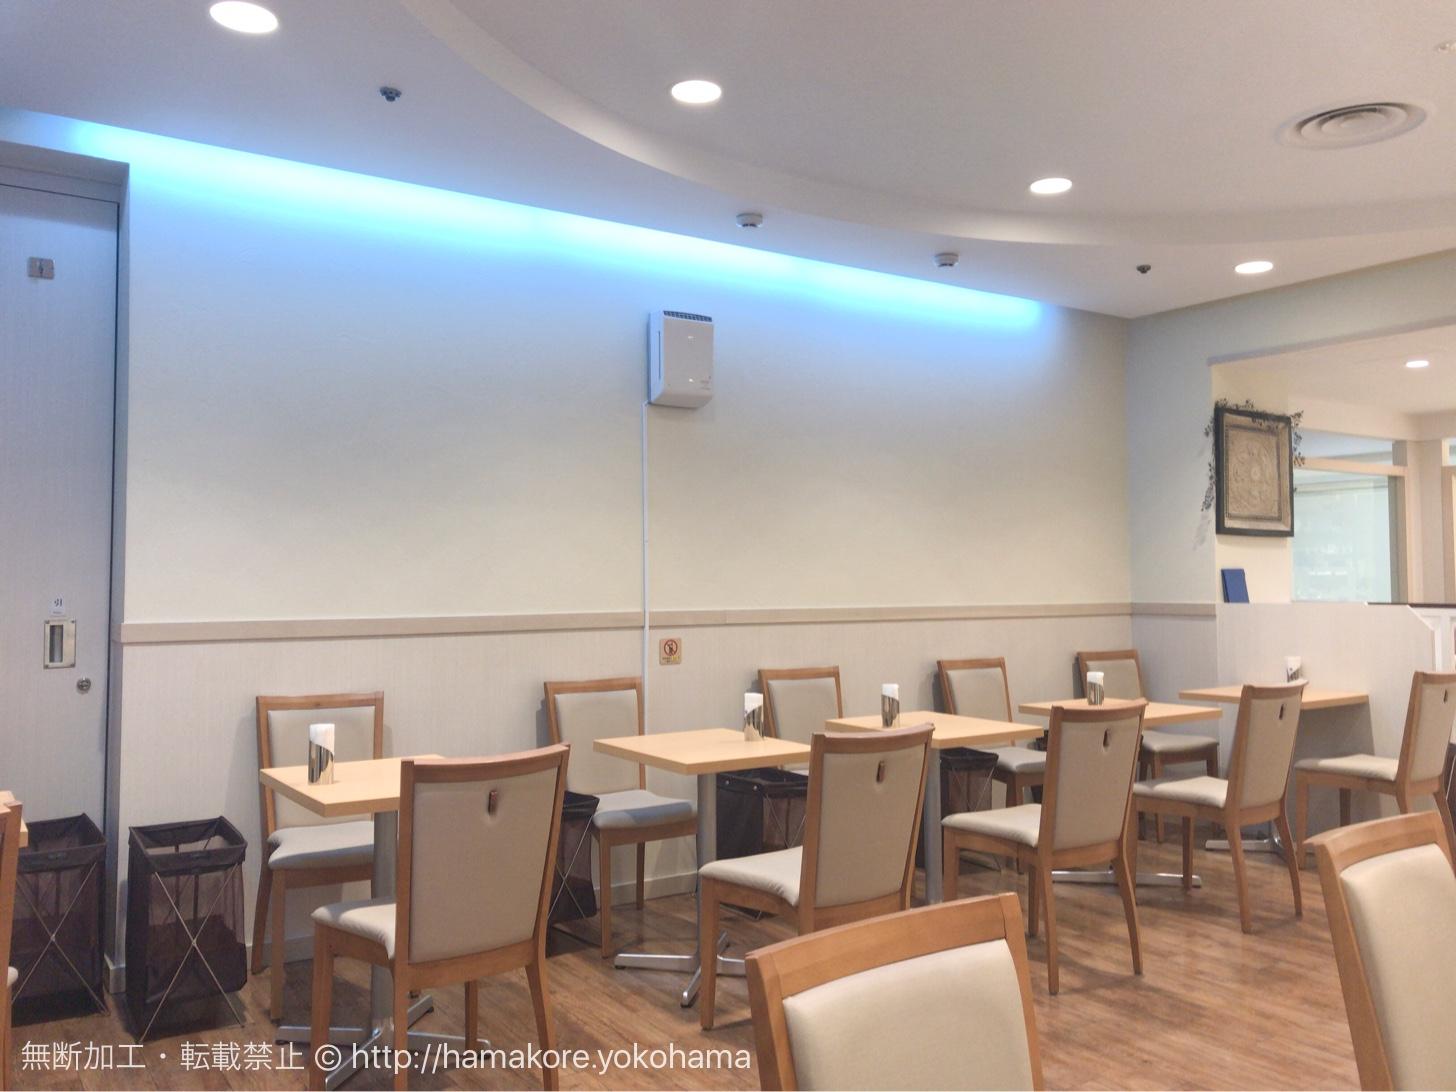 横浜タカシマヤ「カフェセブン」で静かなティータイム!心地良い接客と空間に満足